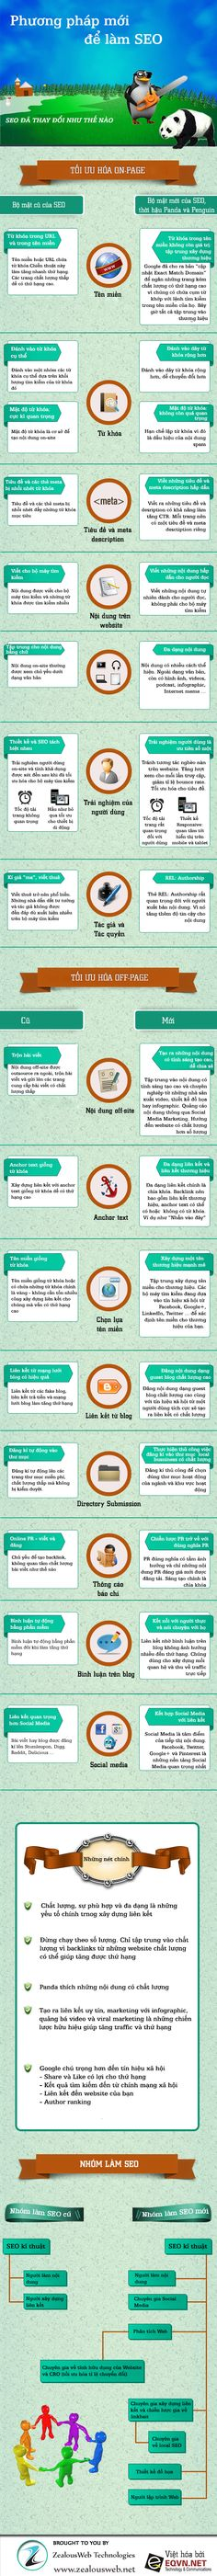 Phương pháp mới để làm SEO [infographic]    http://eqvn.net/infographic-phuong-phap-lam-seo-moi-nhat/